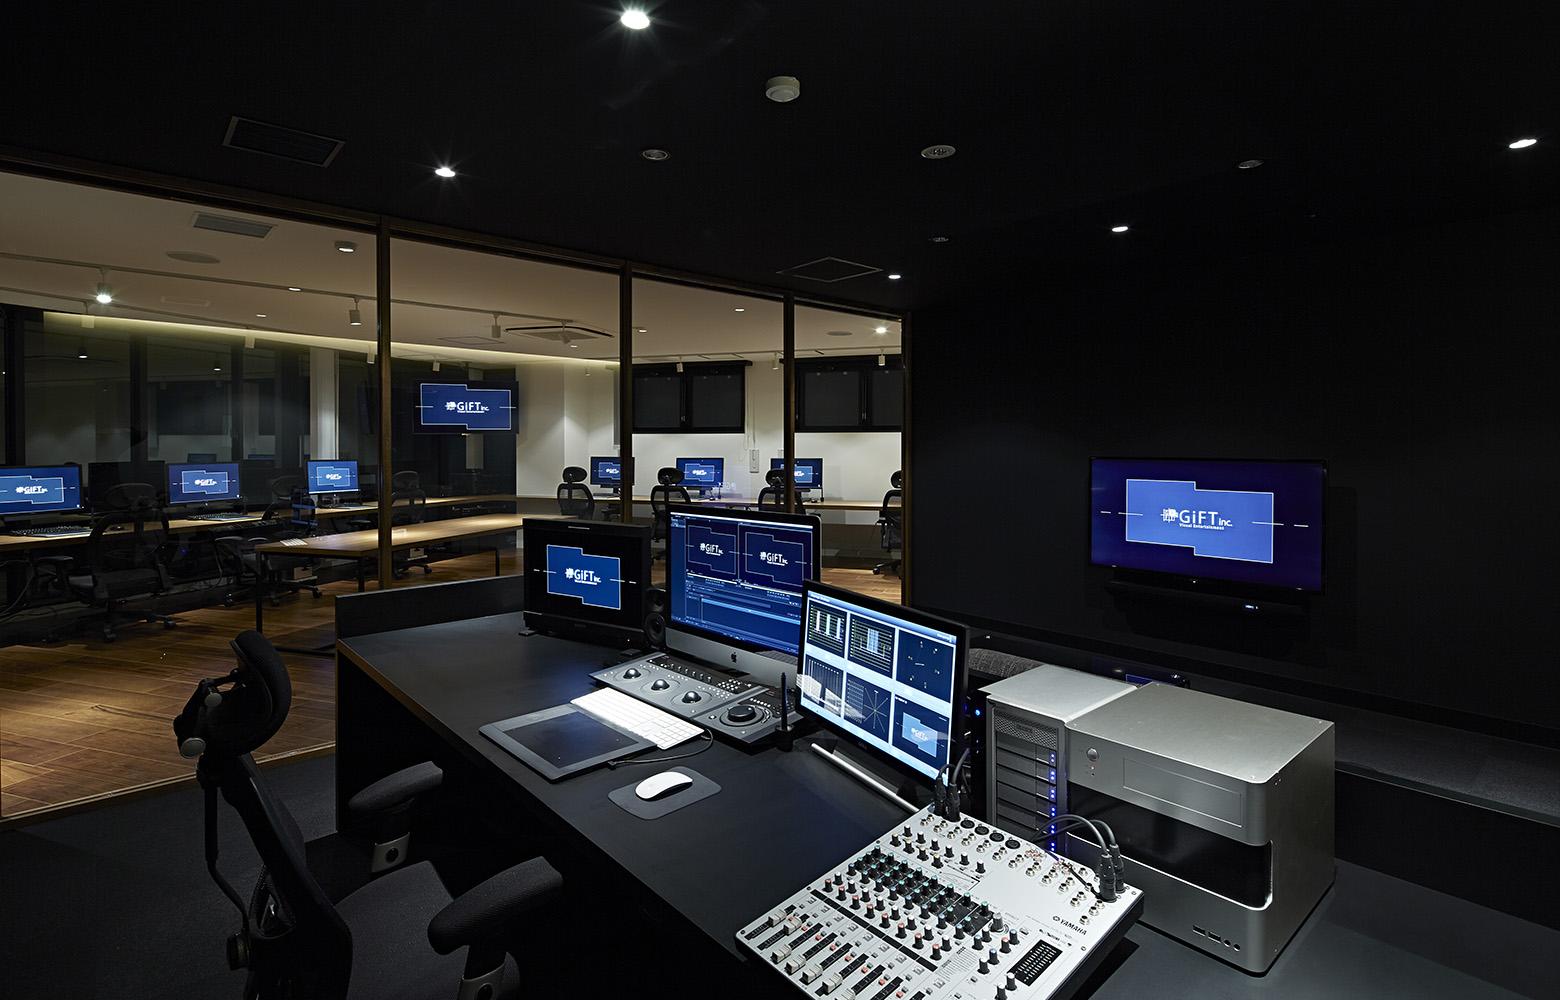 株式会社ギフト Studio_2 デザイン・レイアウト事例